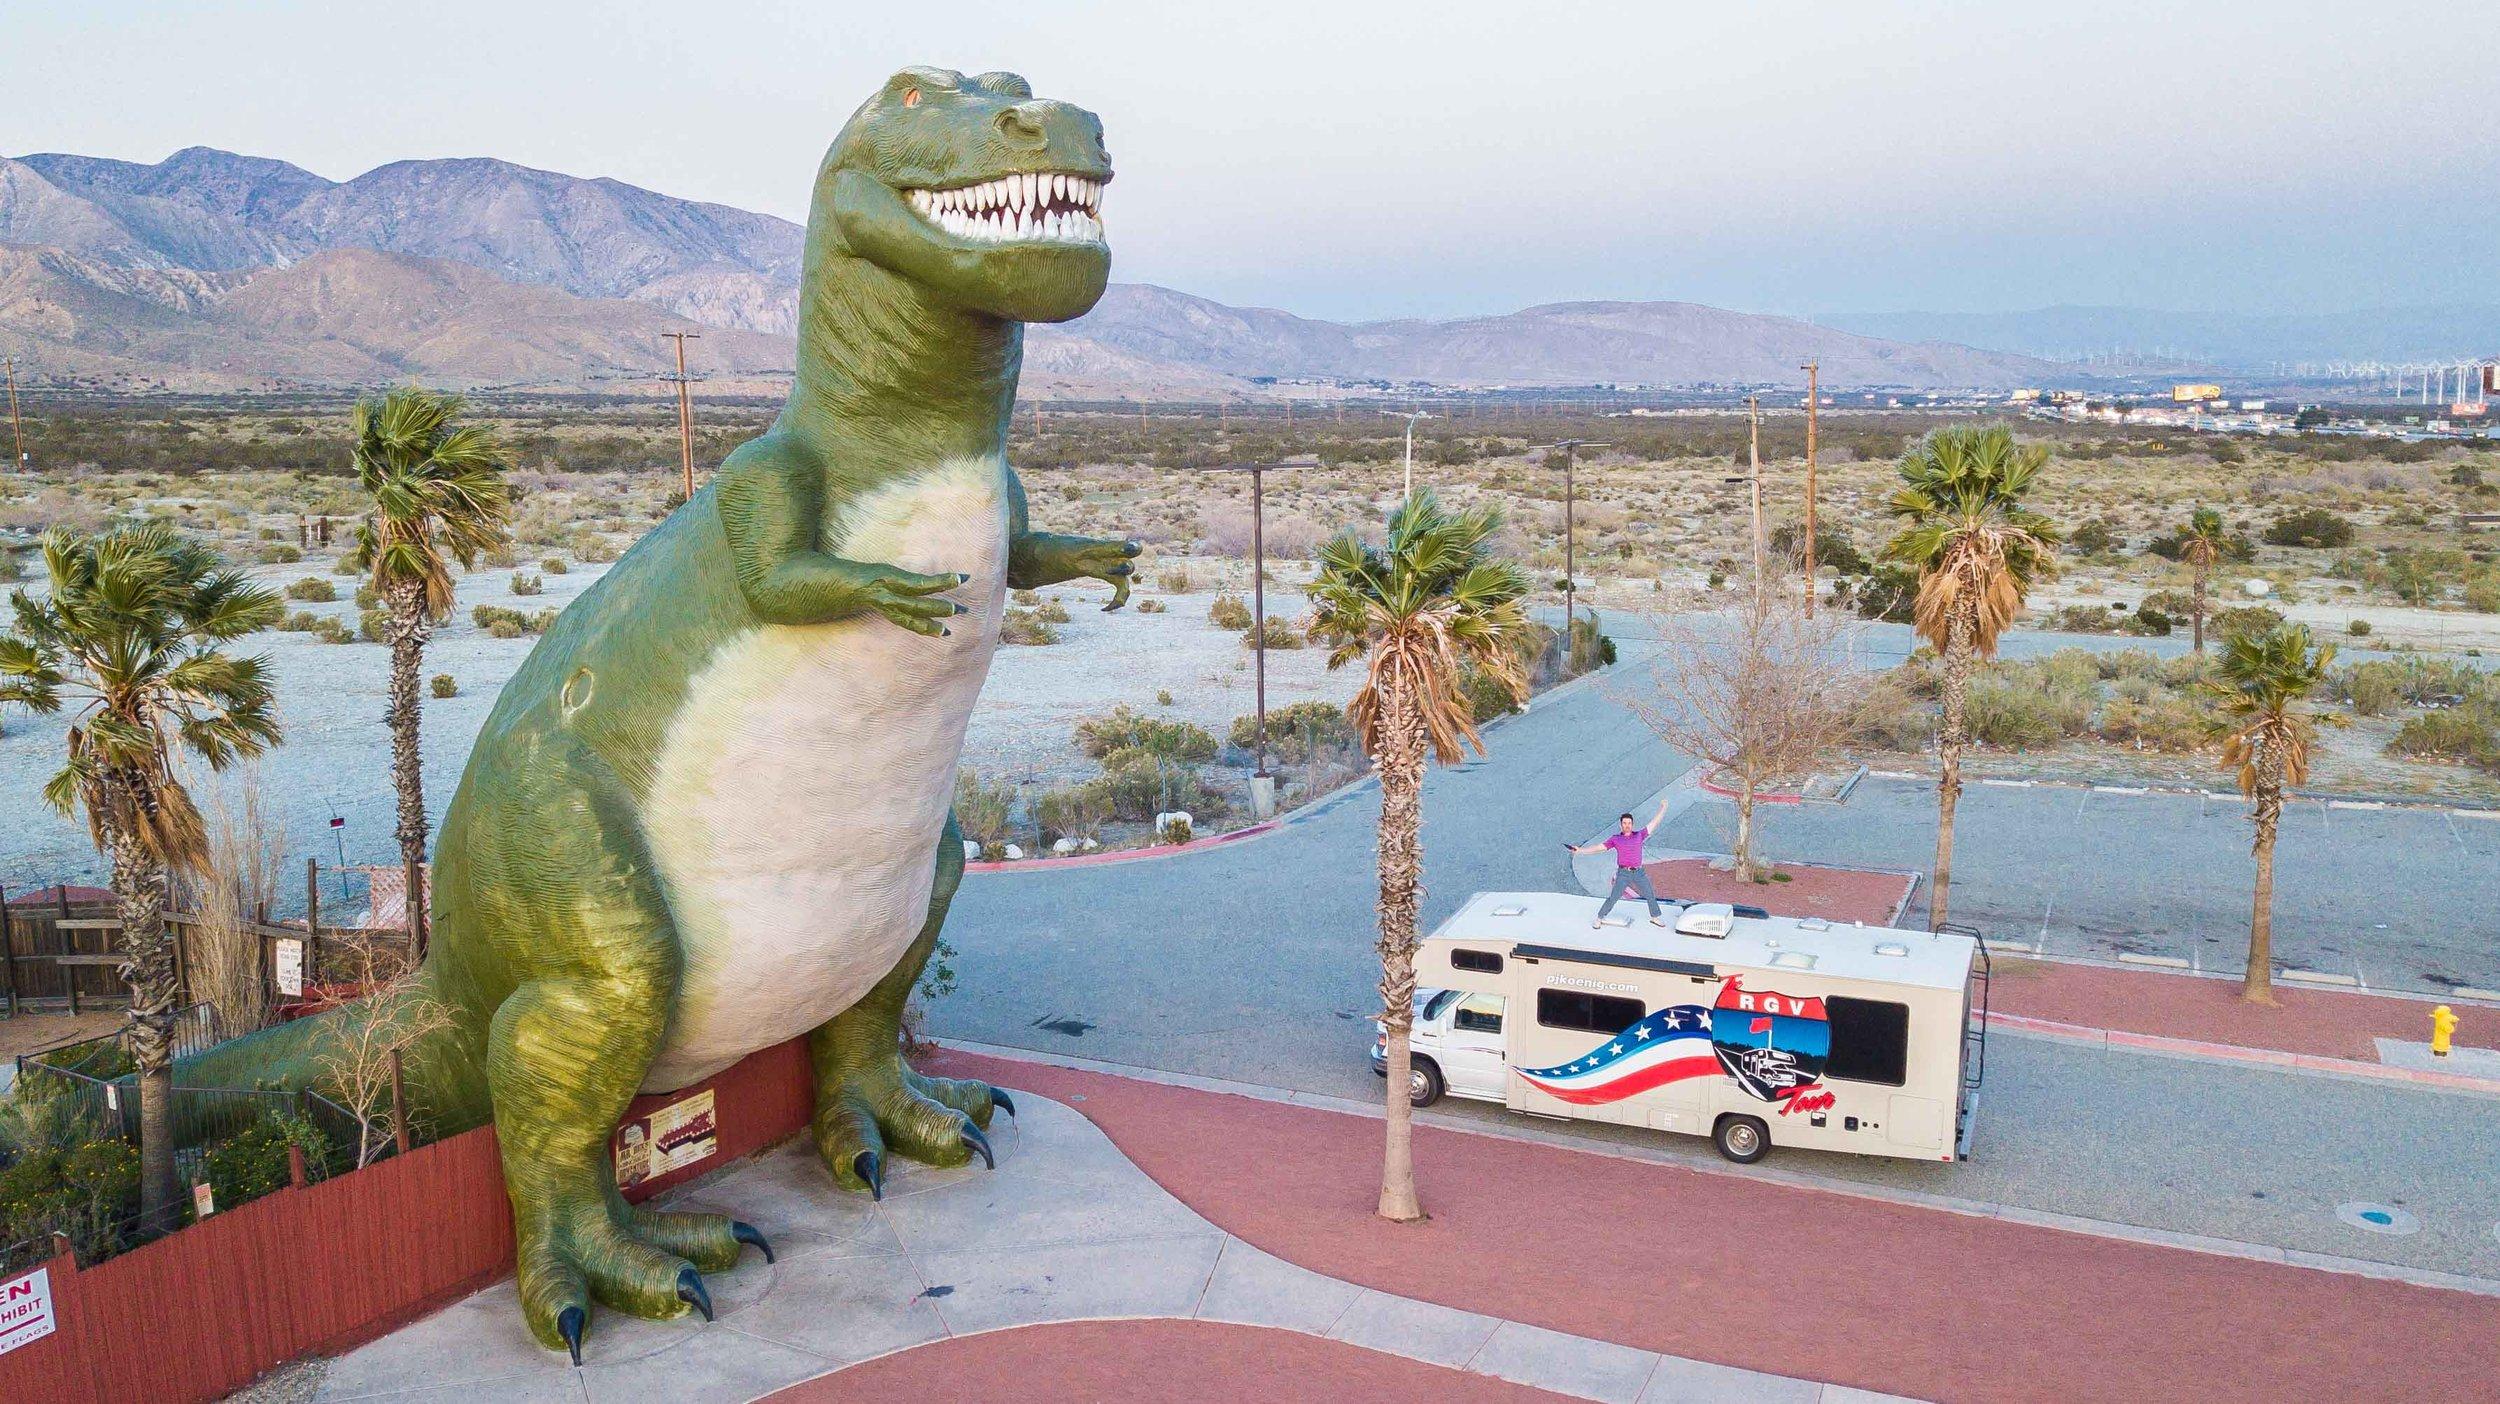 RGV Tour - Cabazon Dinosaurs1-9.jpg